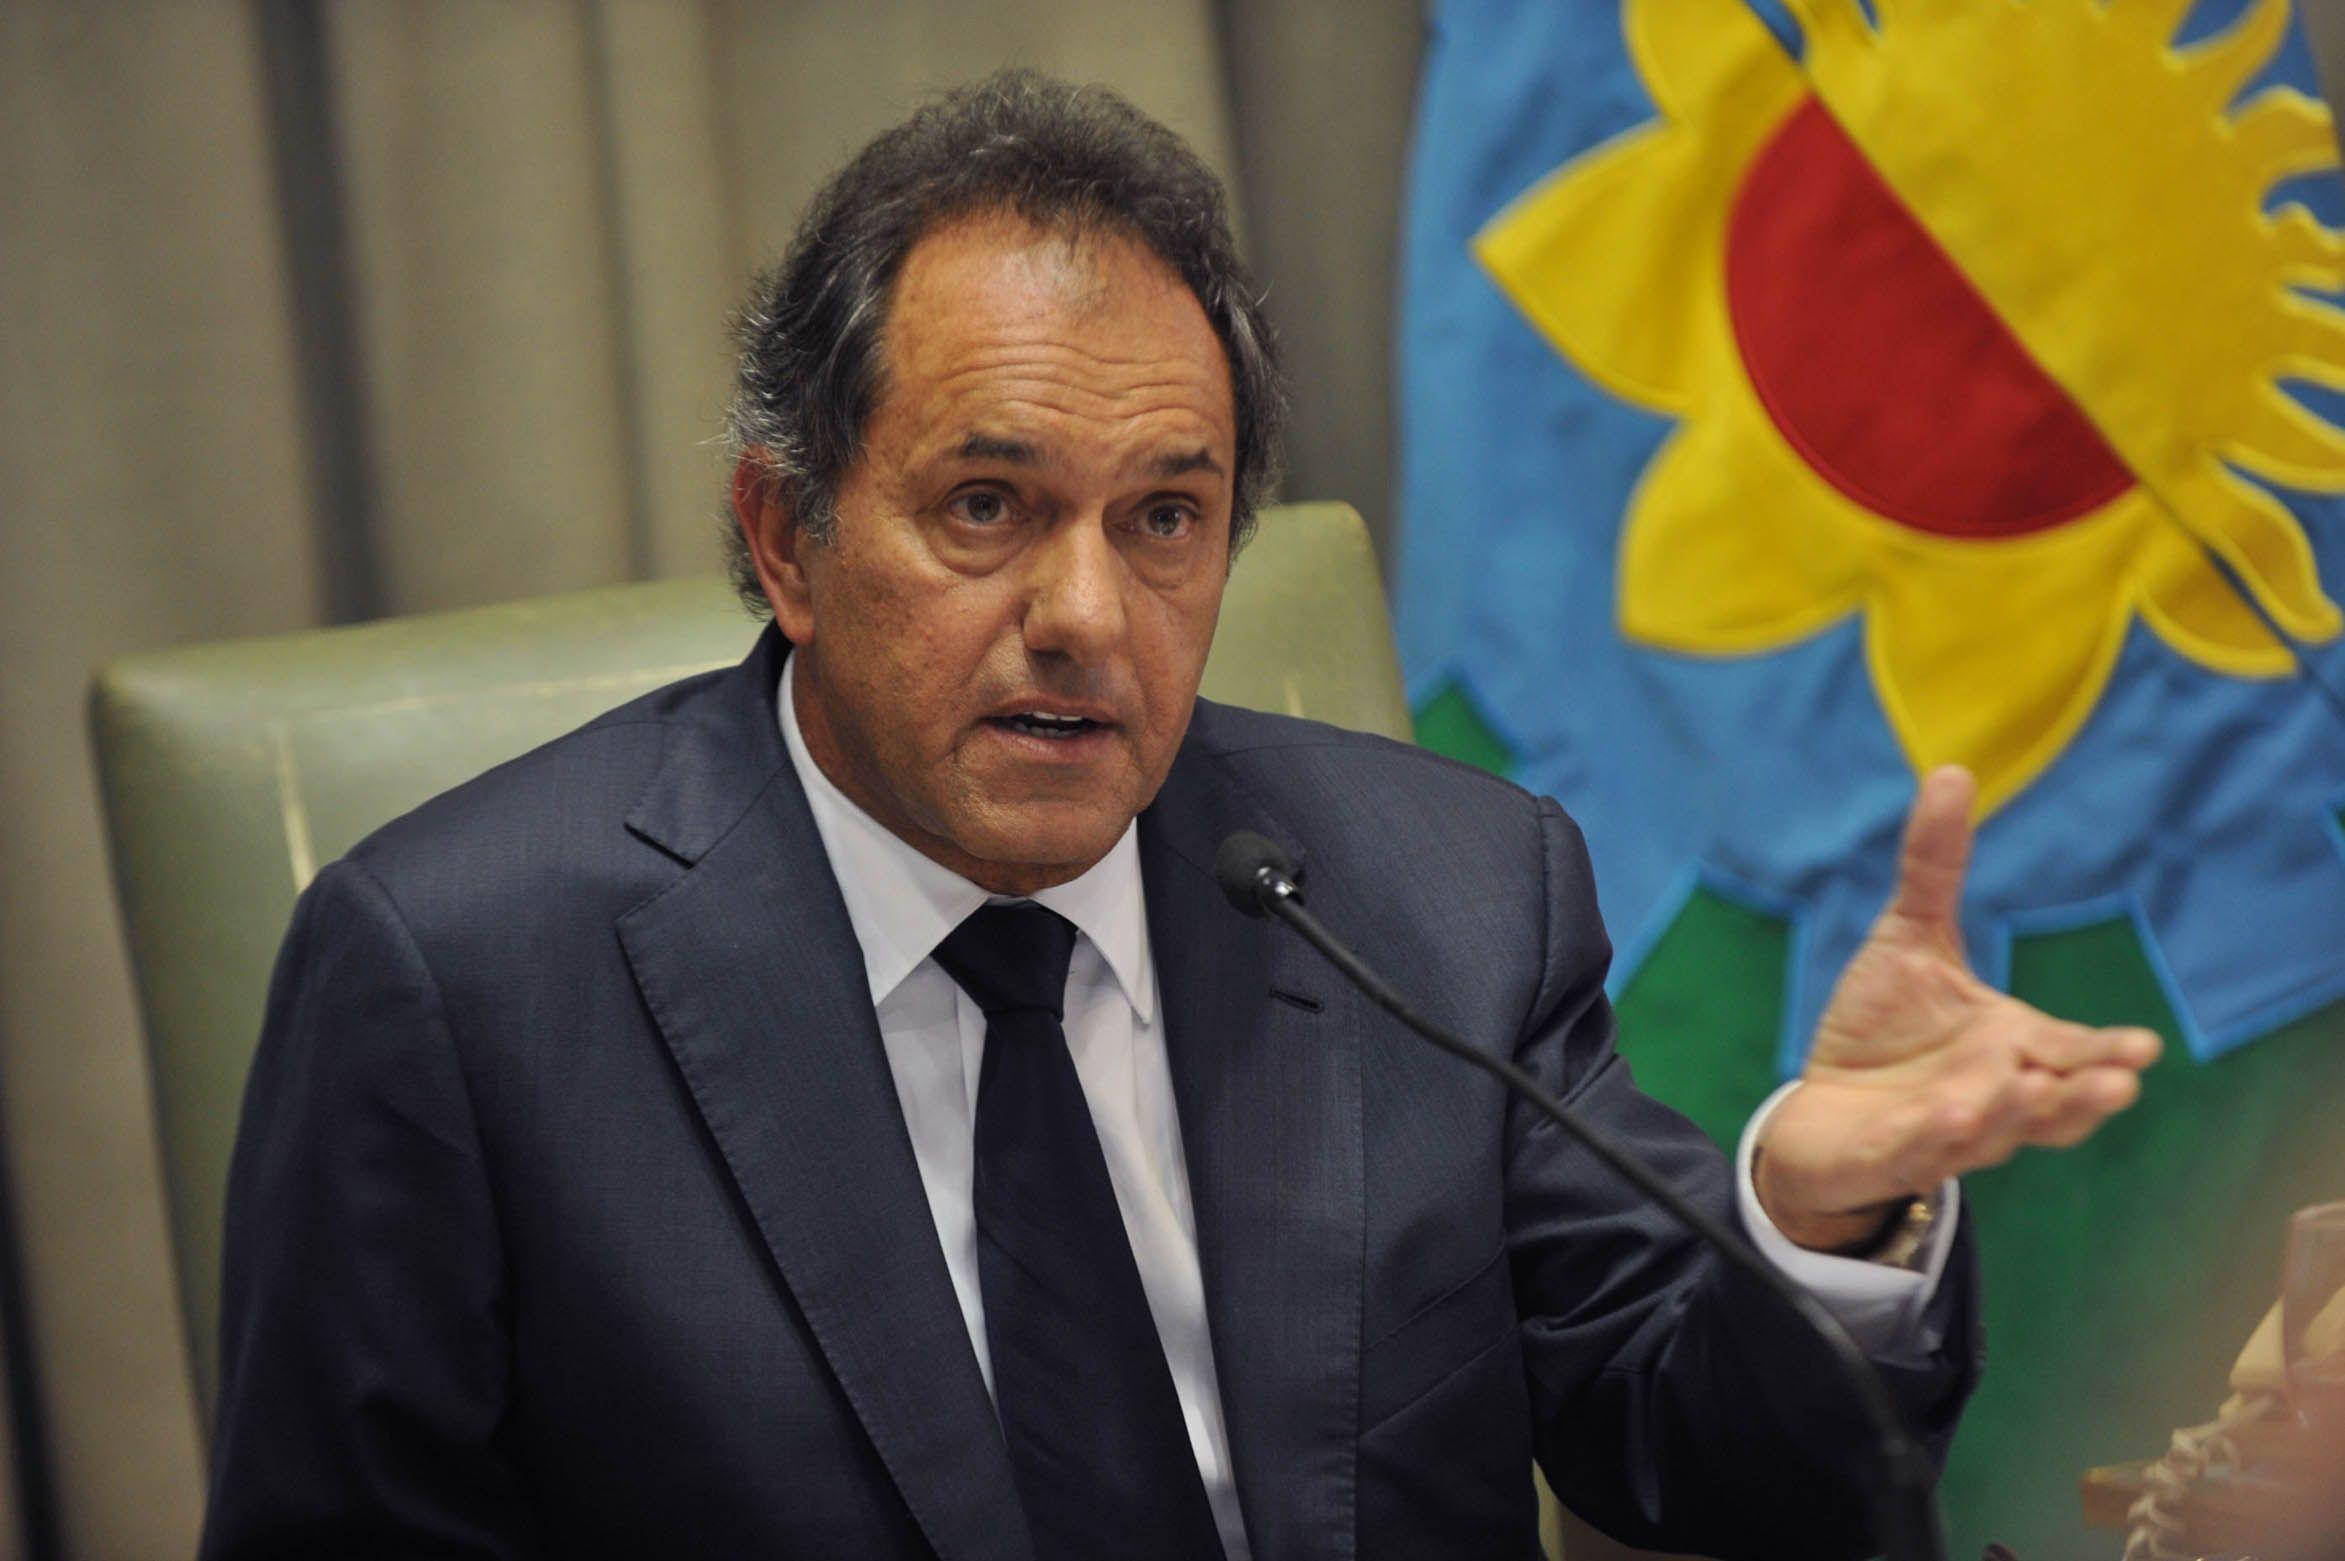 Daniel Scioli aseguró que las contradicciones entre Mauricio Macri y Elisa Carrió son obvias y la gente se da cuenta.